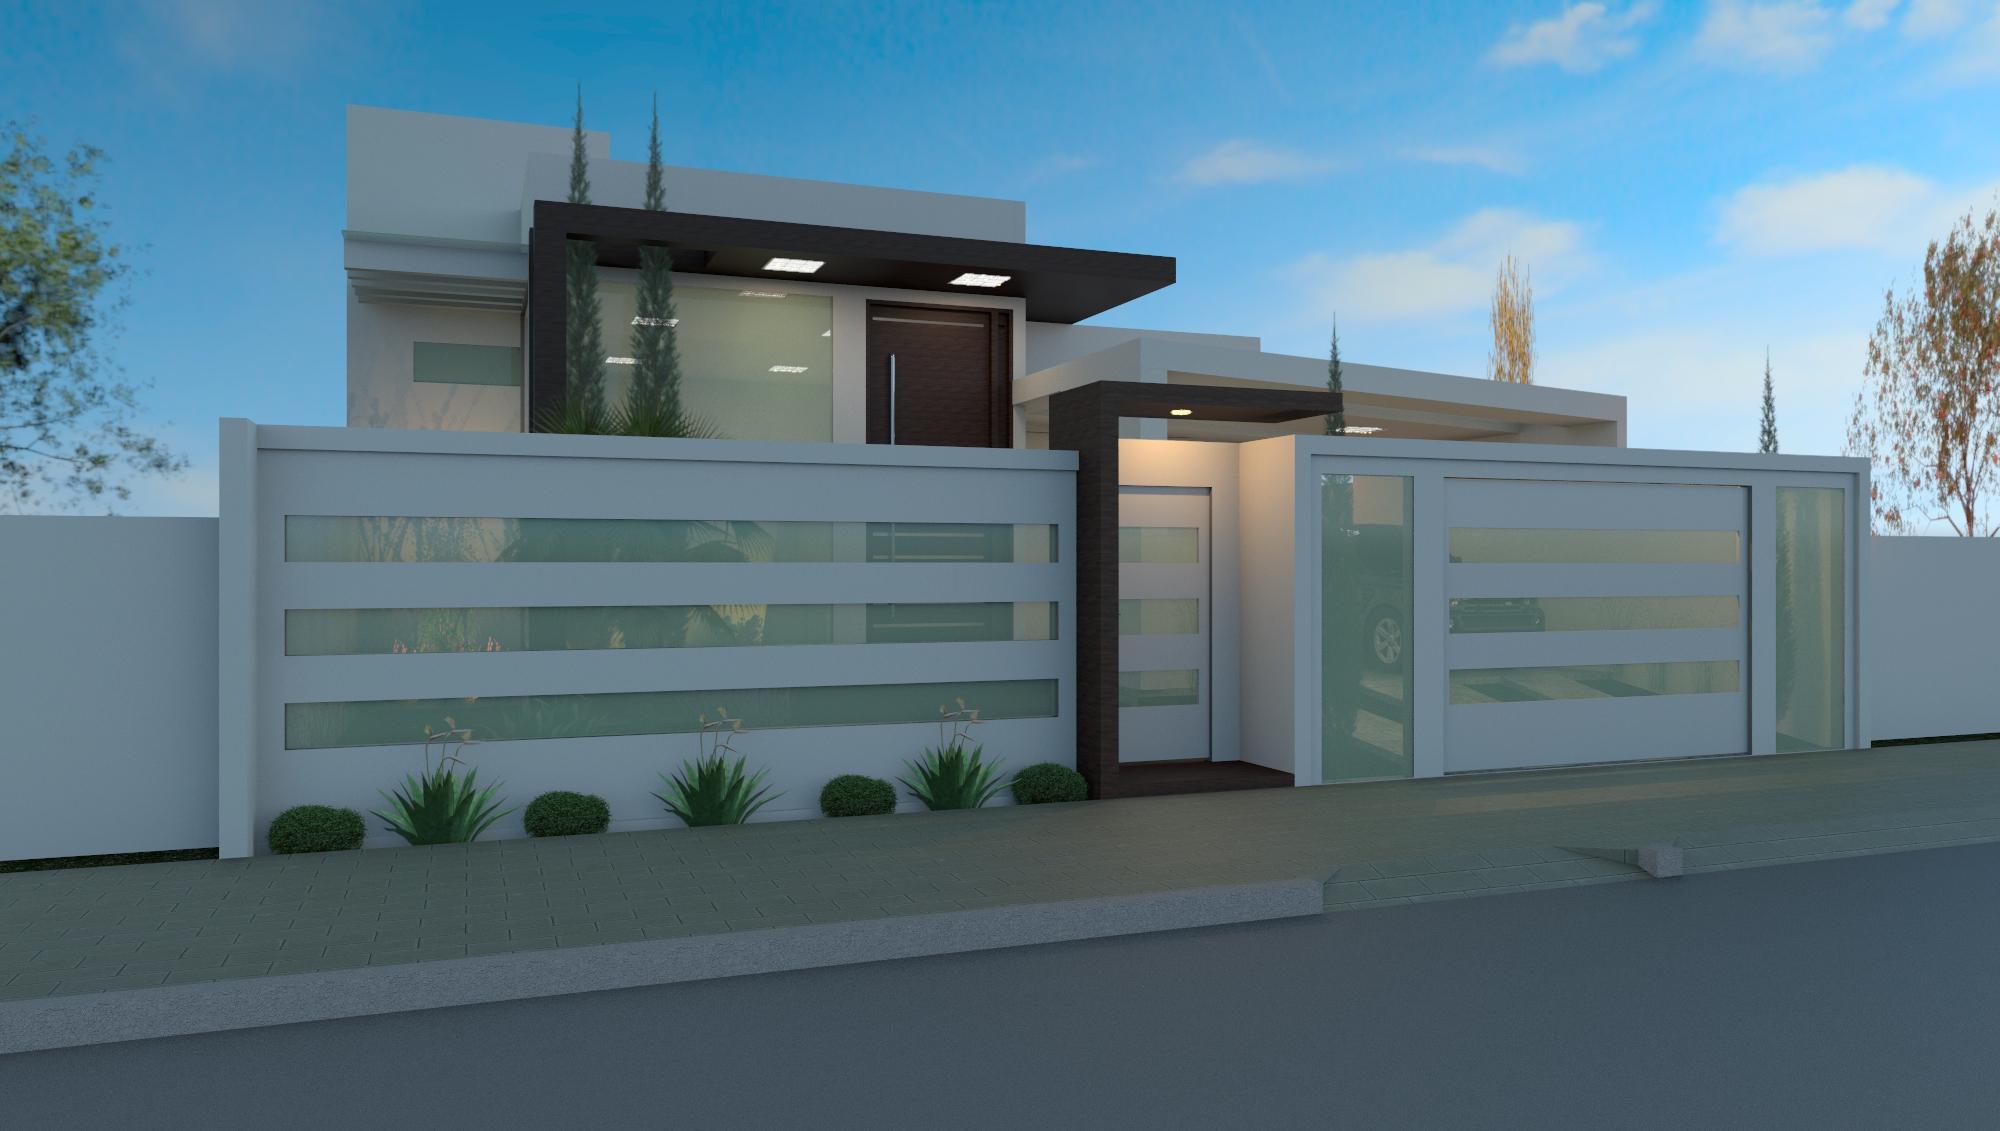 49 modelos de muros e fachadas residenciais for Modelos de fachadas modernas para casas